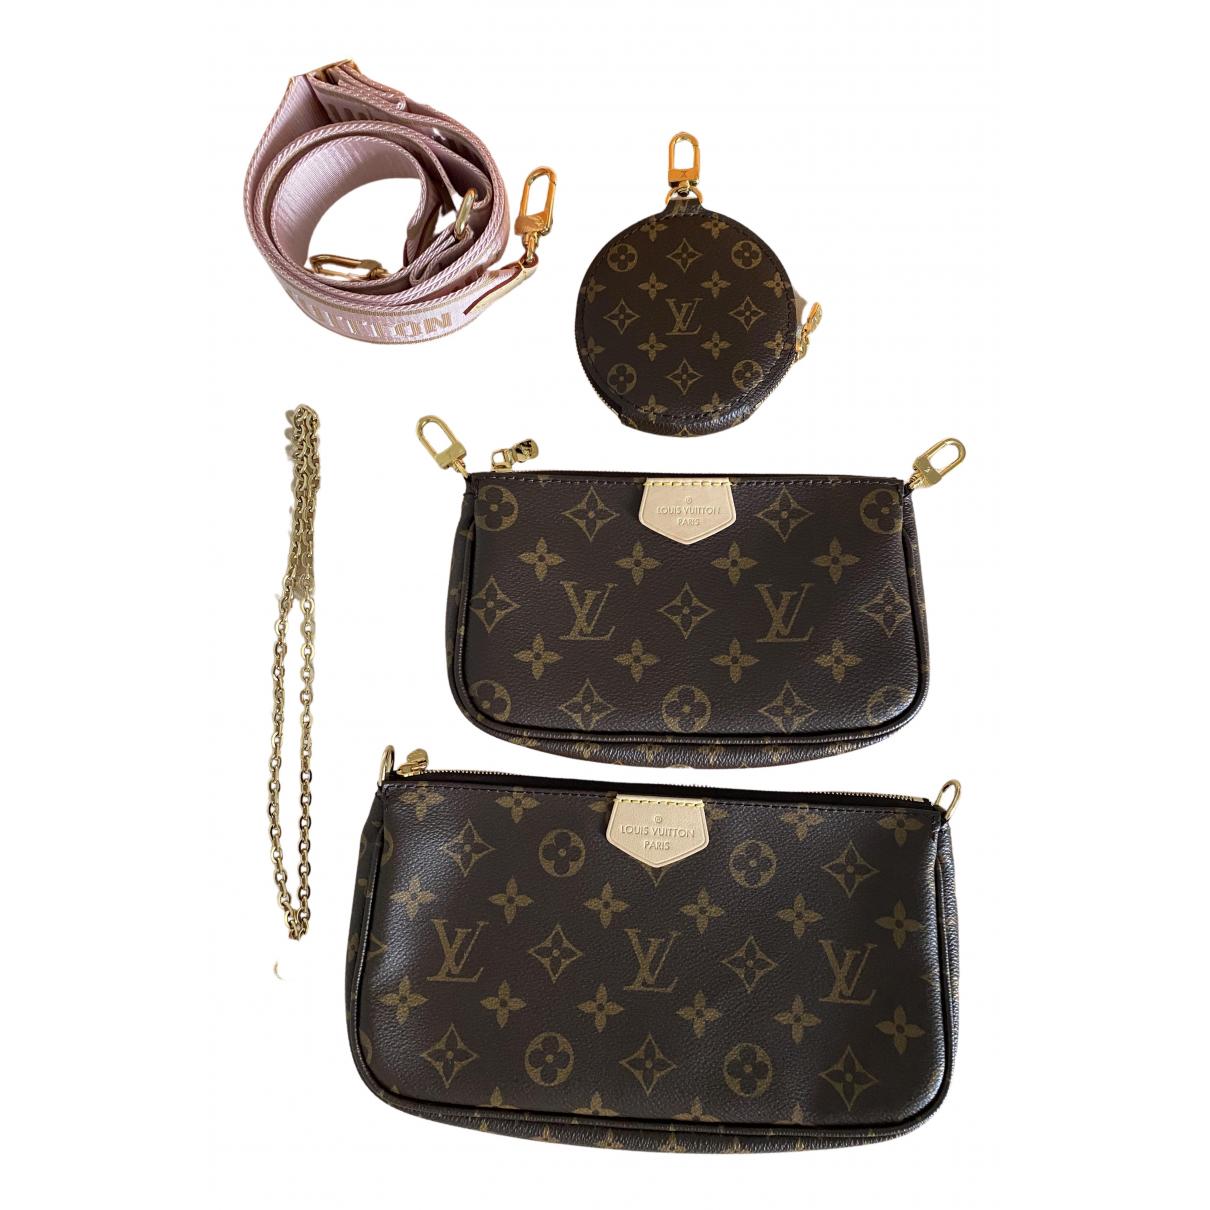 Pochette Multi Pochette Access de Lona Louis Vuitton